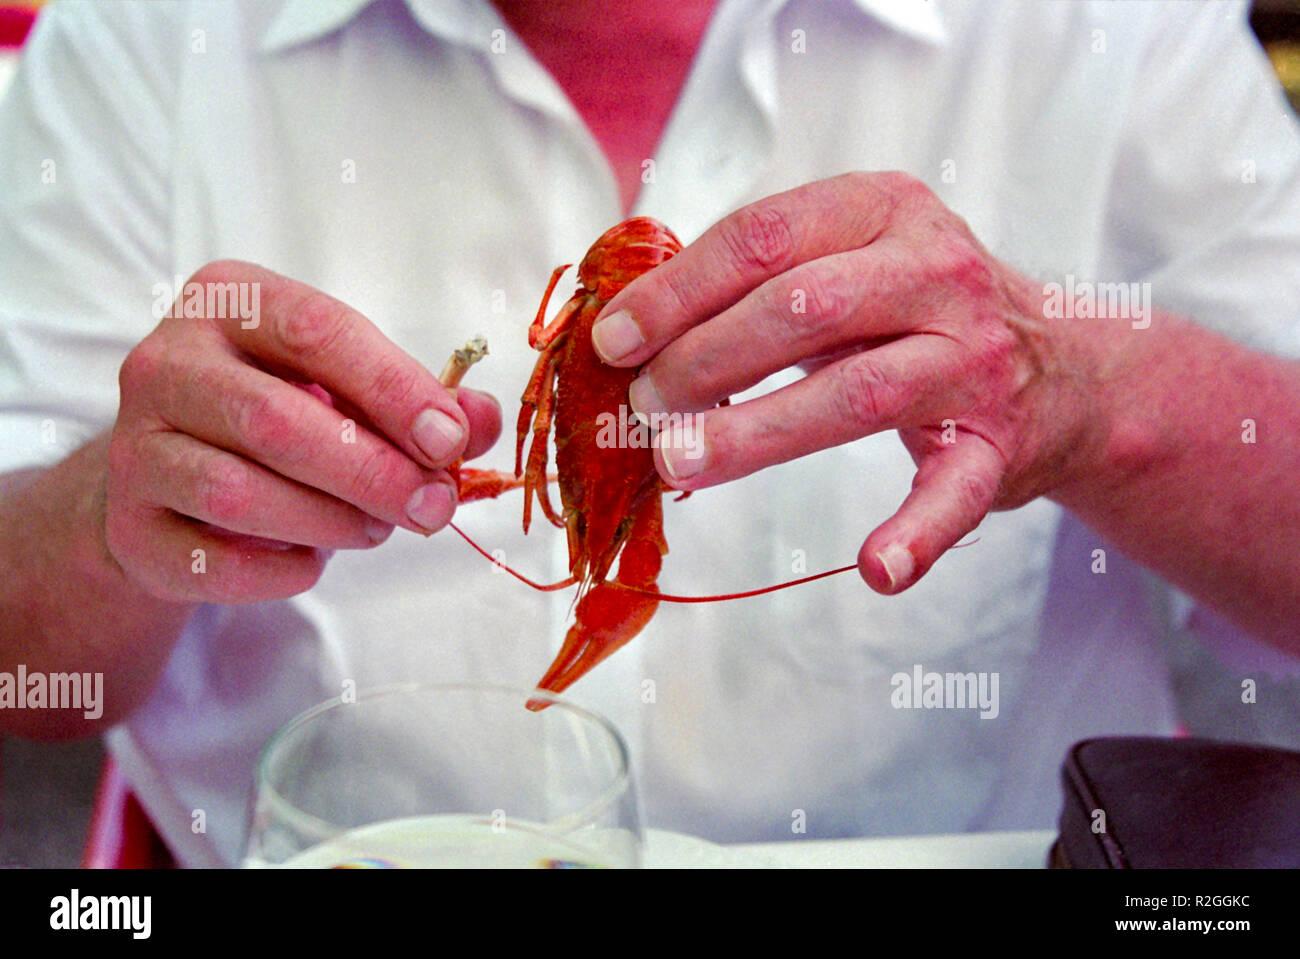 cancer,shellfish - Stock Image